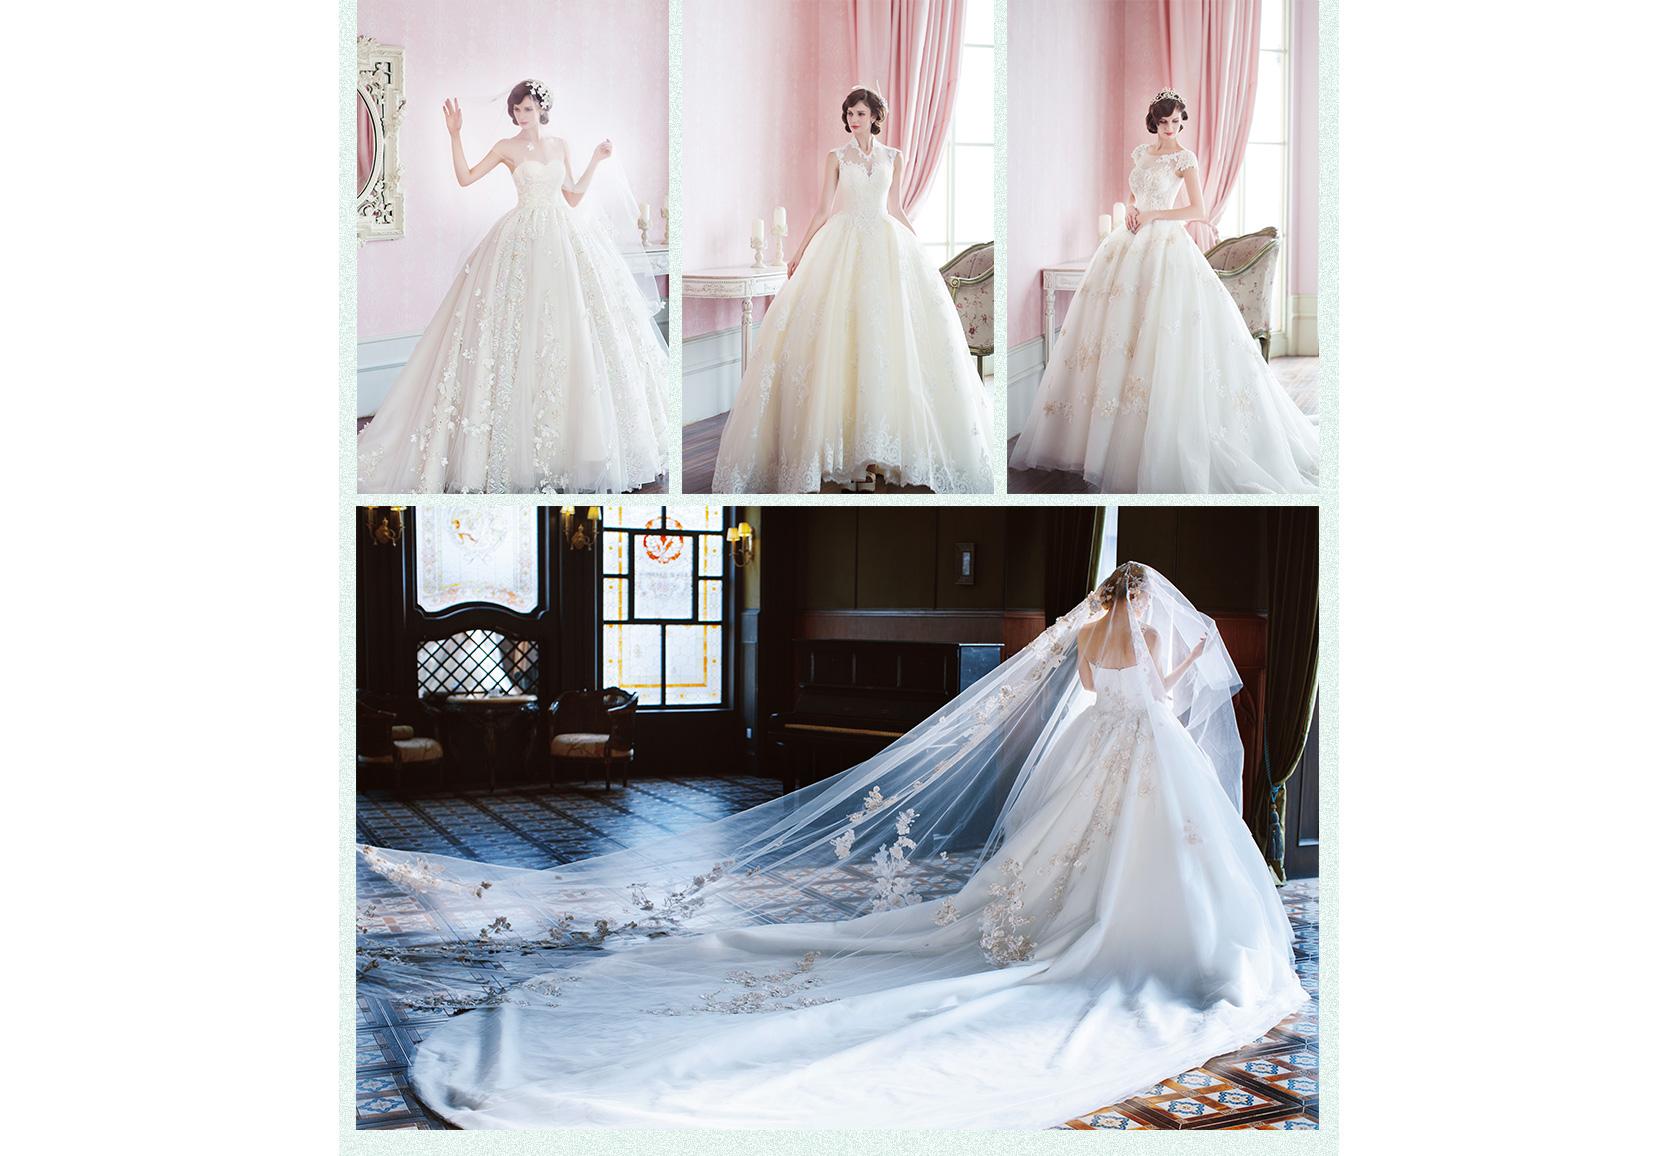 南京米兰婚纱摄影_南京米兰尊荣婚纱摄影